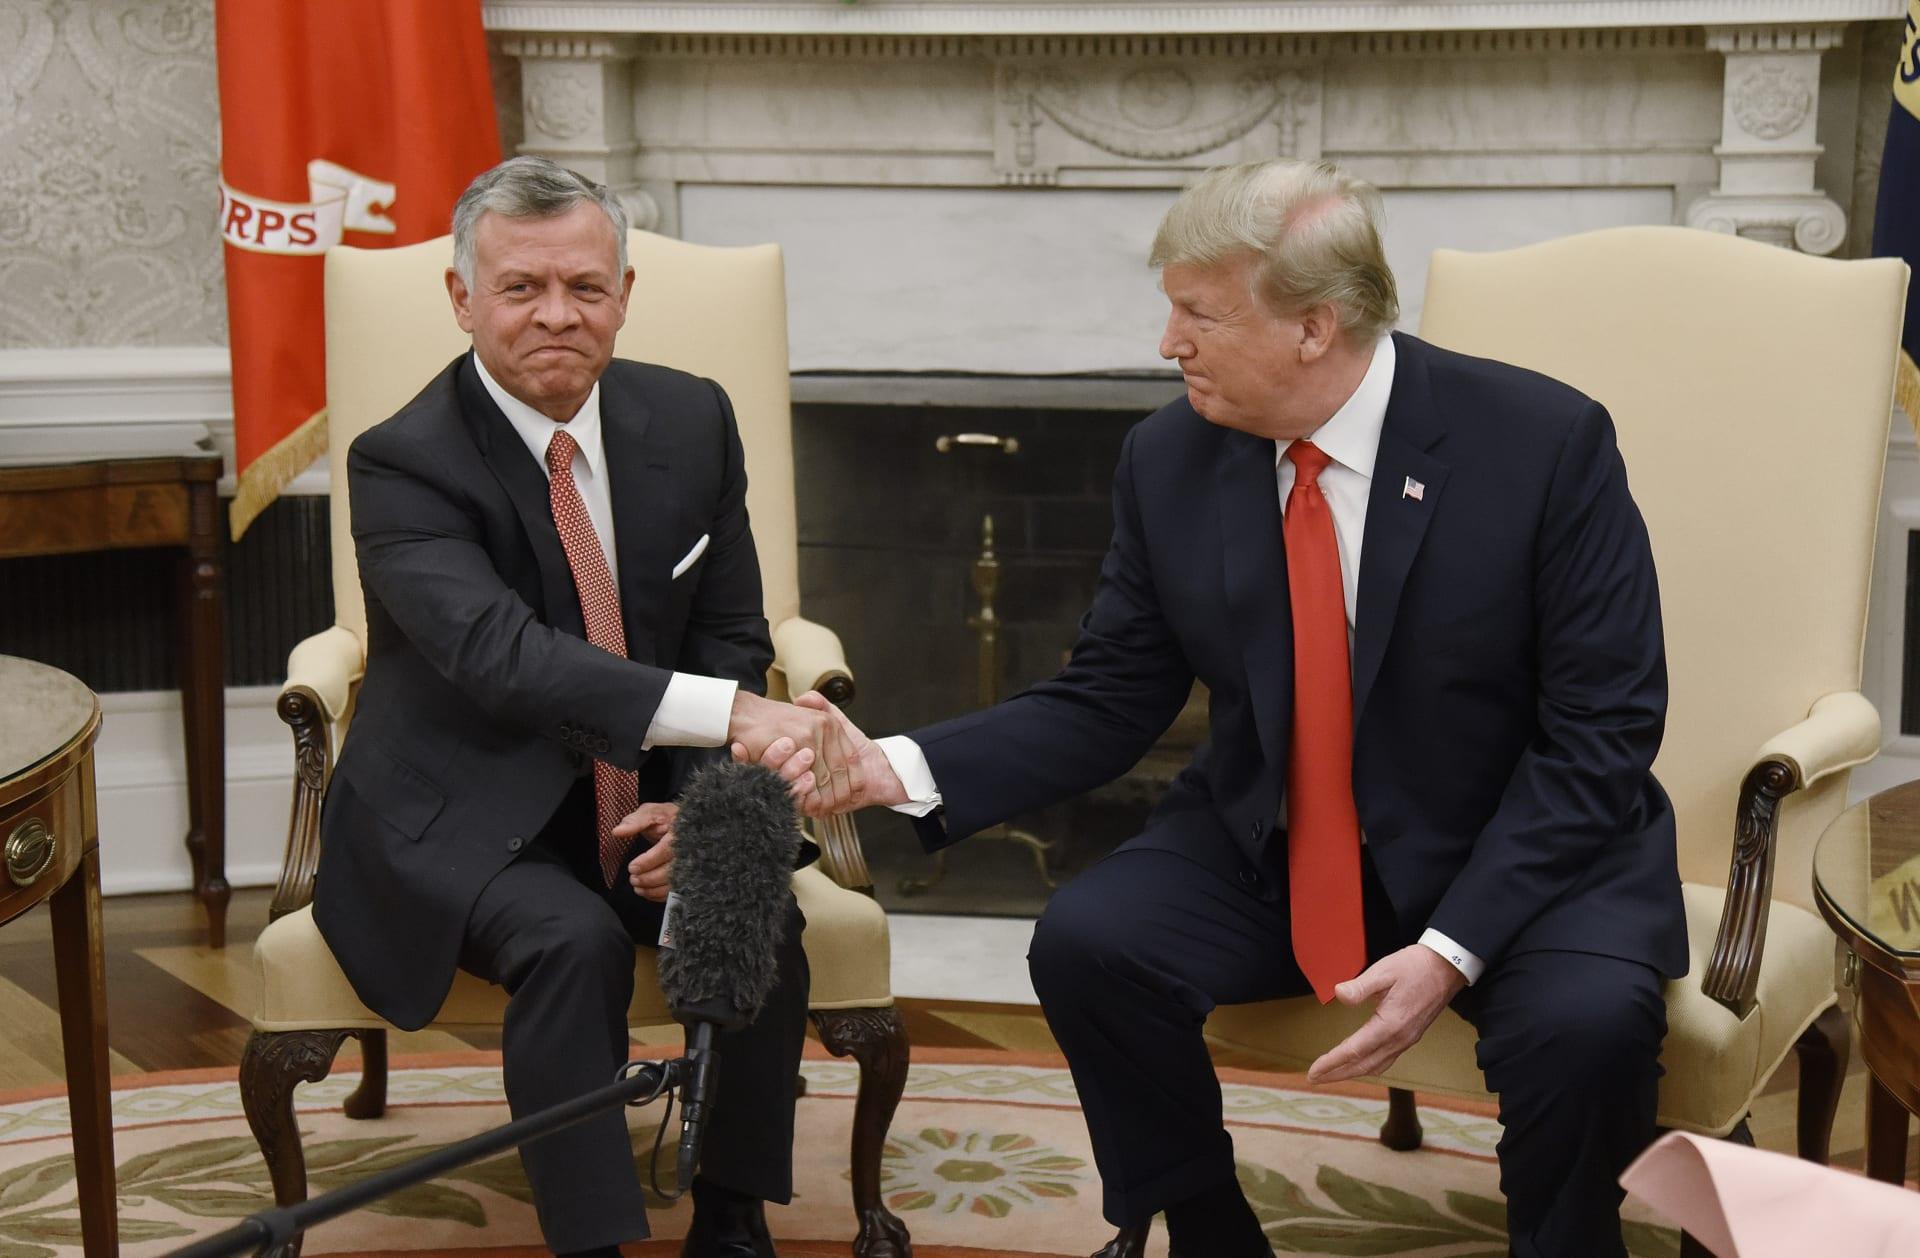 ترامب: نجاحنا في الشرق الأوسط بدأ بإنهاء الاتفاق النووي